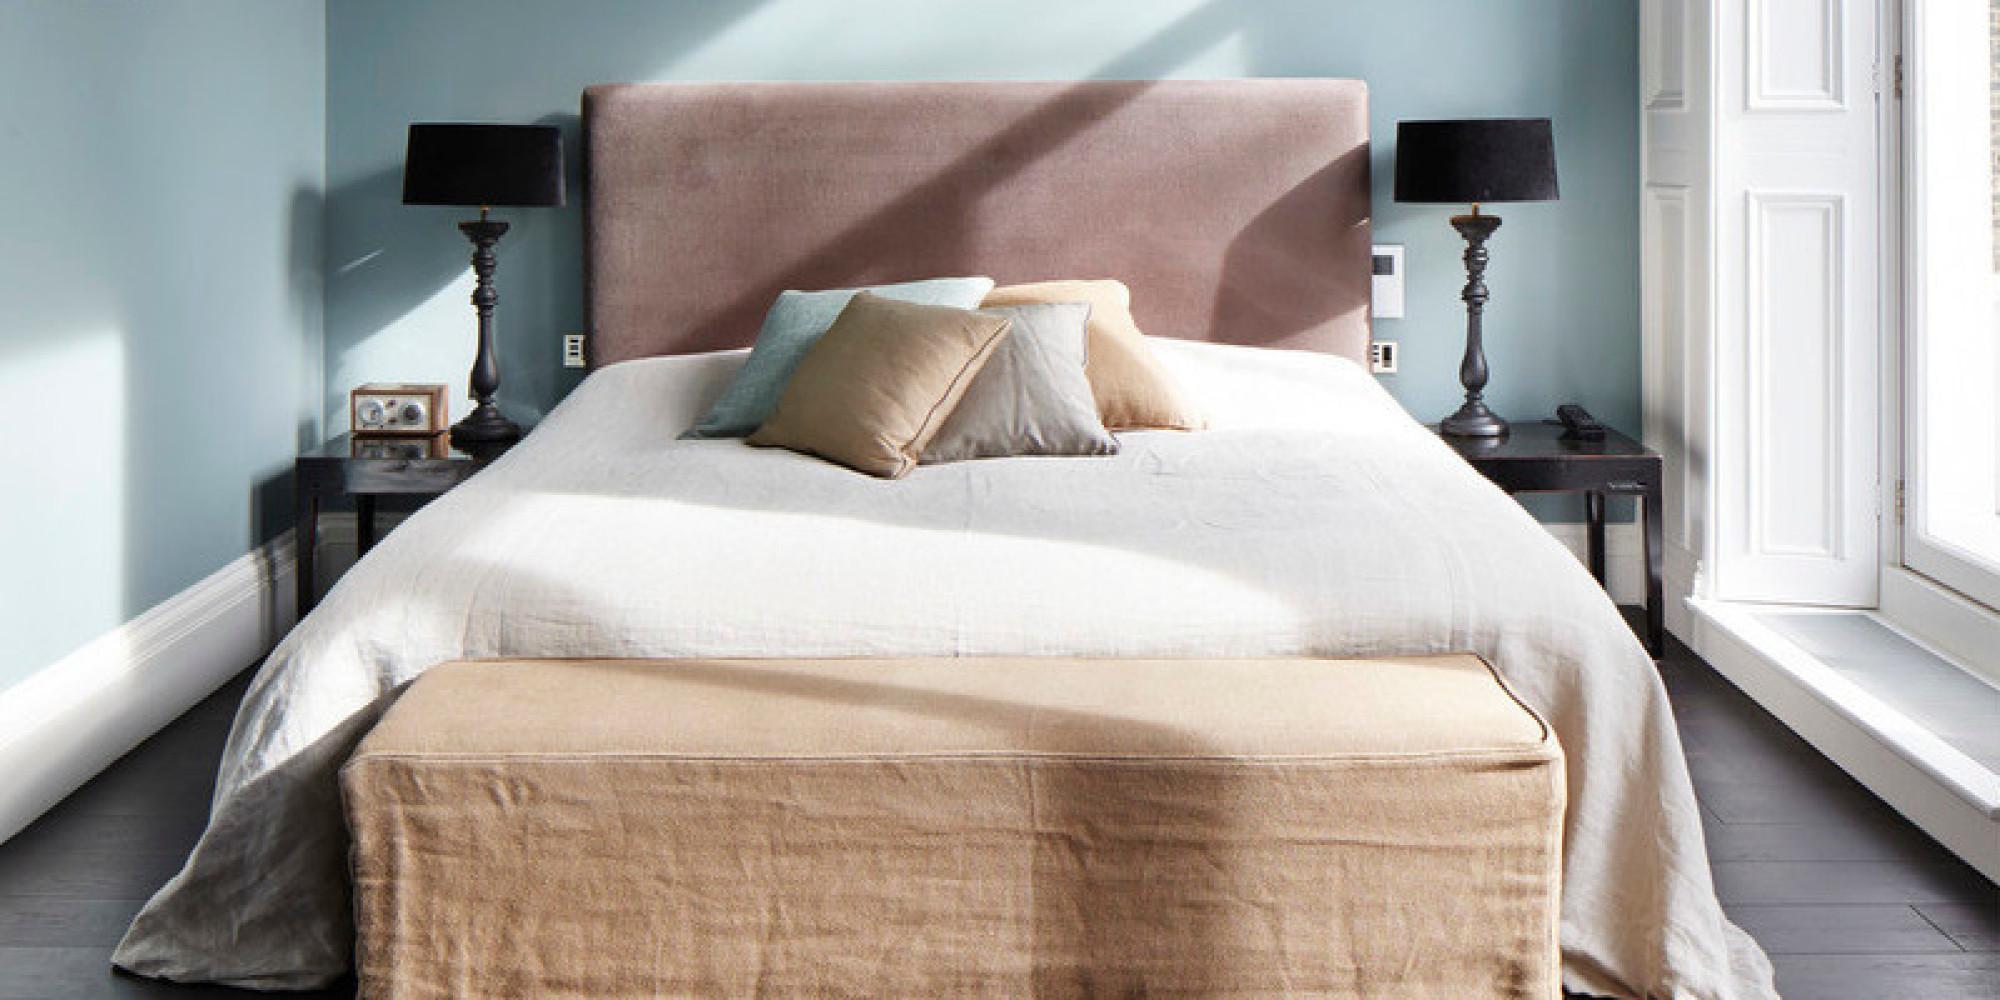 9 segreti per rendere accogliente una camera da letto di piccole dimensioni - Camera da letto piccola soluzioni ...